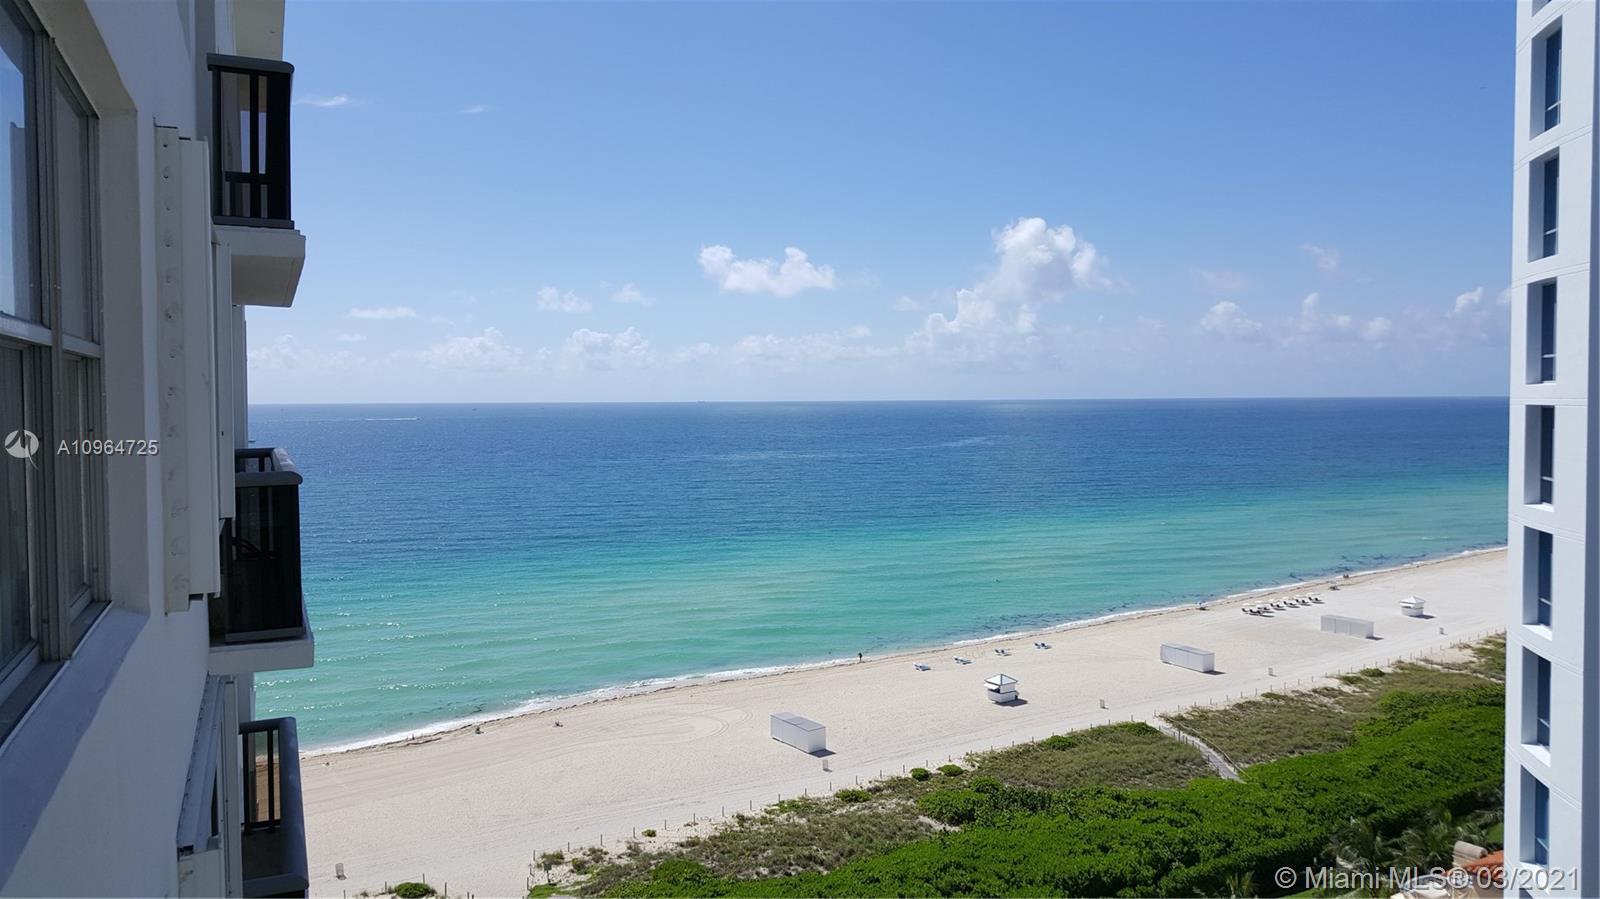 Maison Grande #1622 - 6039 Collins Ave #1622, Miami Beach, FL 33140